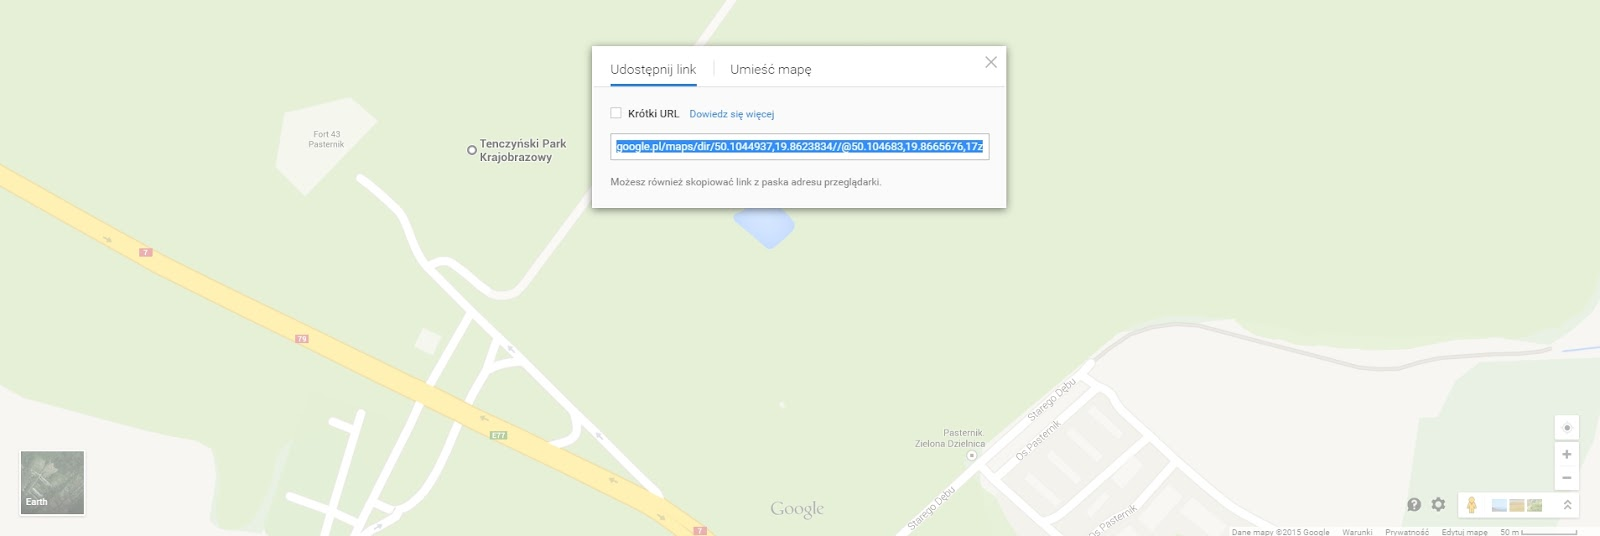 Z wyświetlonego okienka, skopiuj adres mapy i wklej do formularza pod instrukcją: